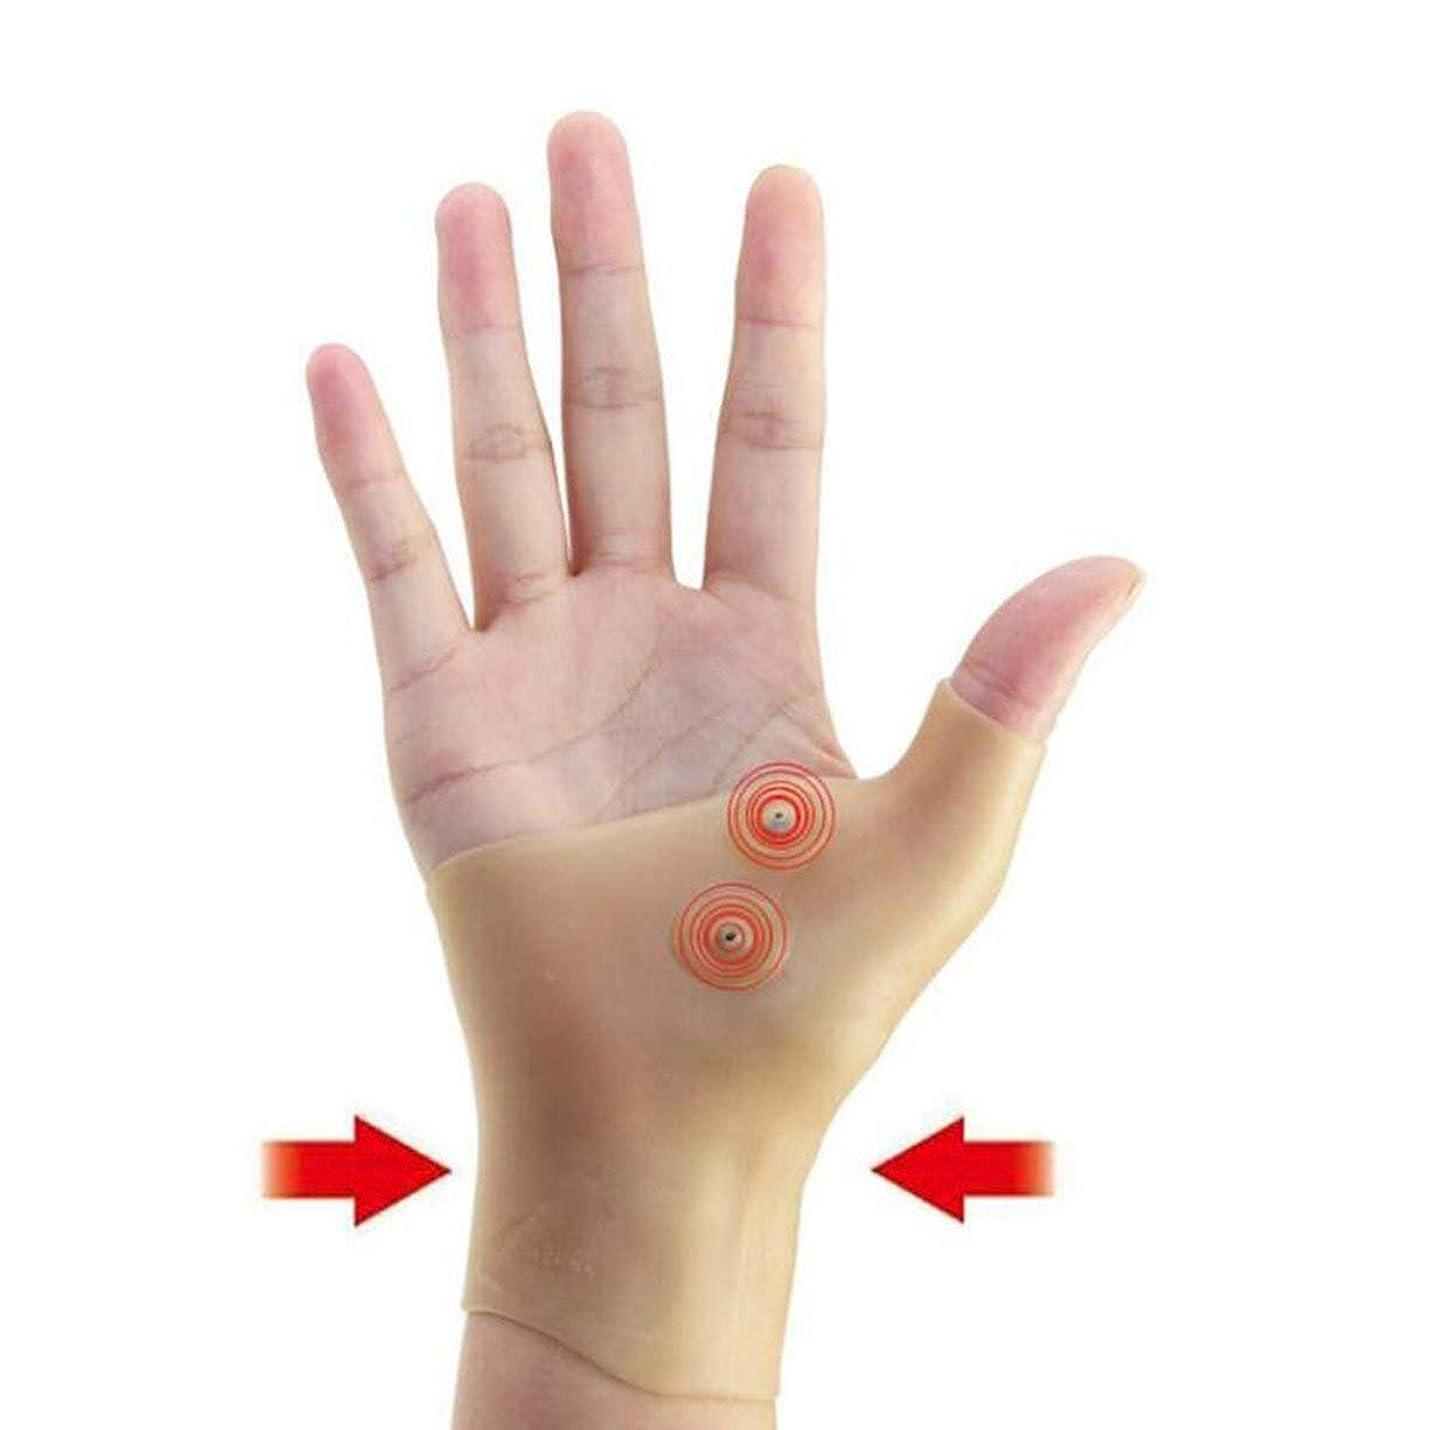 無秩序予知ミュージカル磁気療法手首手親指サポート手袋シリコーンゲル関節炎圧力矯正器マッサージ痛み緩和手袋 - 肌の色